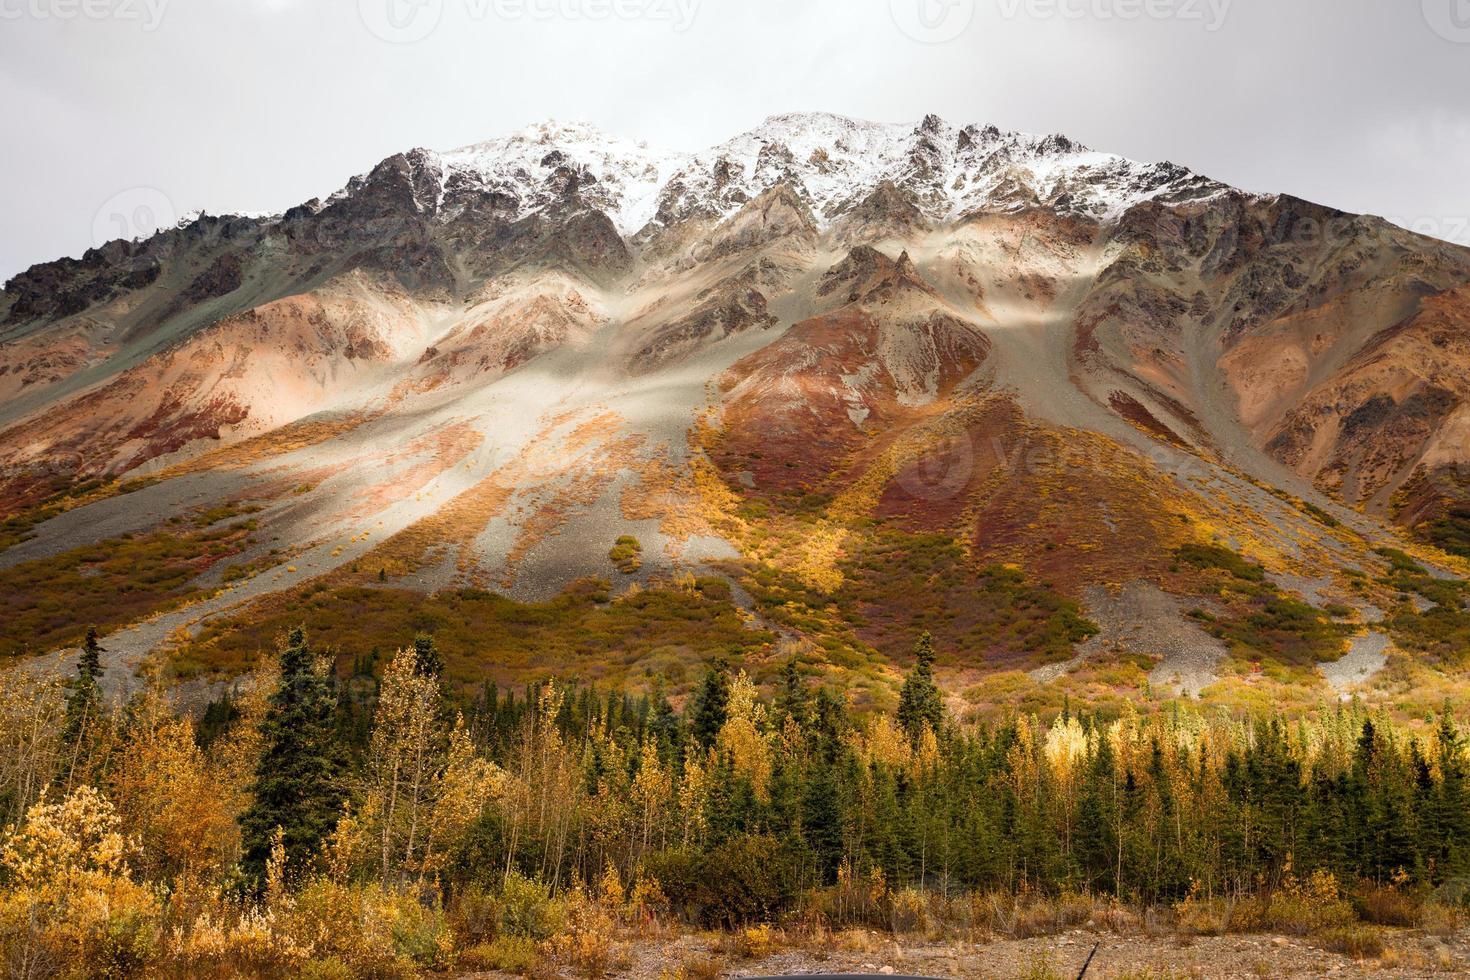 herfstkleur met sneeuw bedekte piek alaska bereik herfst herfst seizoen foto